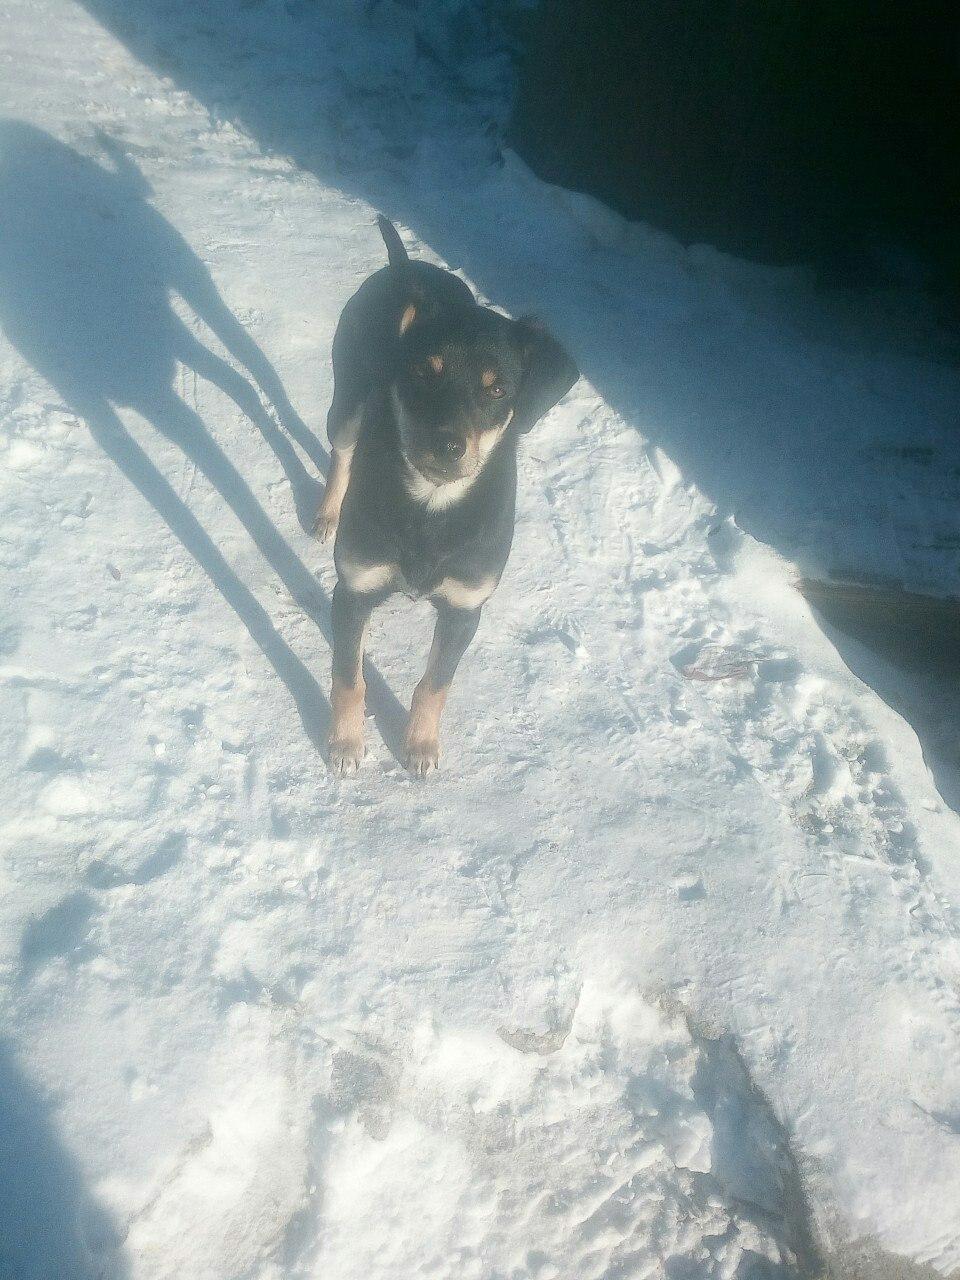 Собака очень умная, лапу падает, домашняя, кто потерял отзовись.